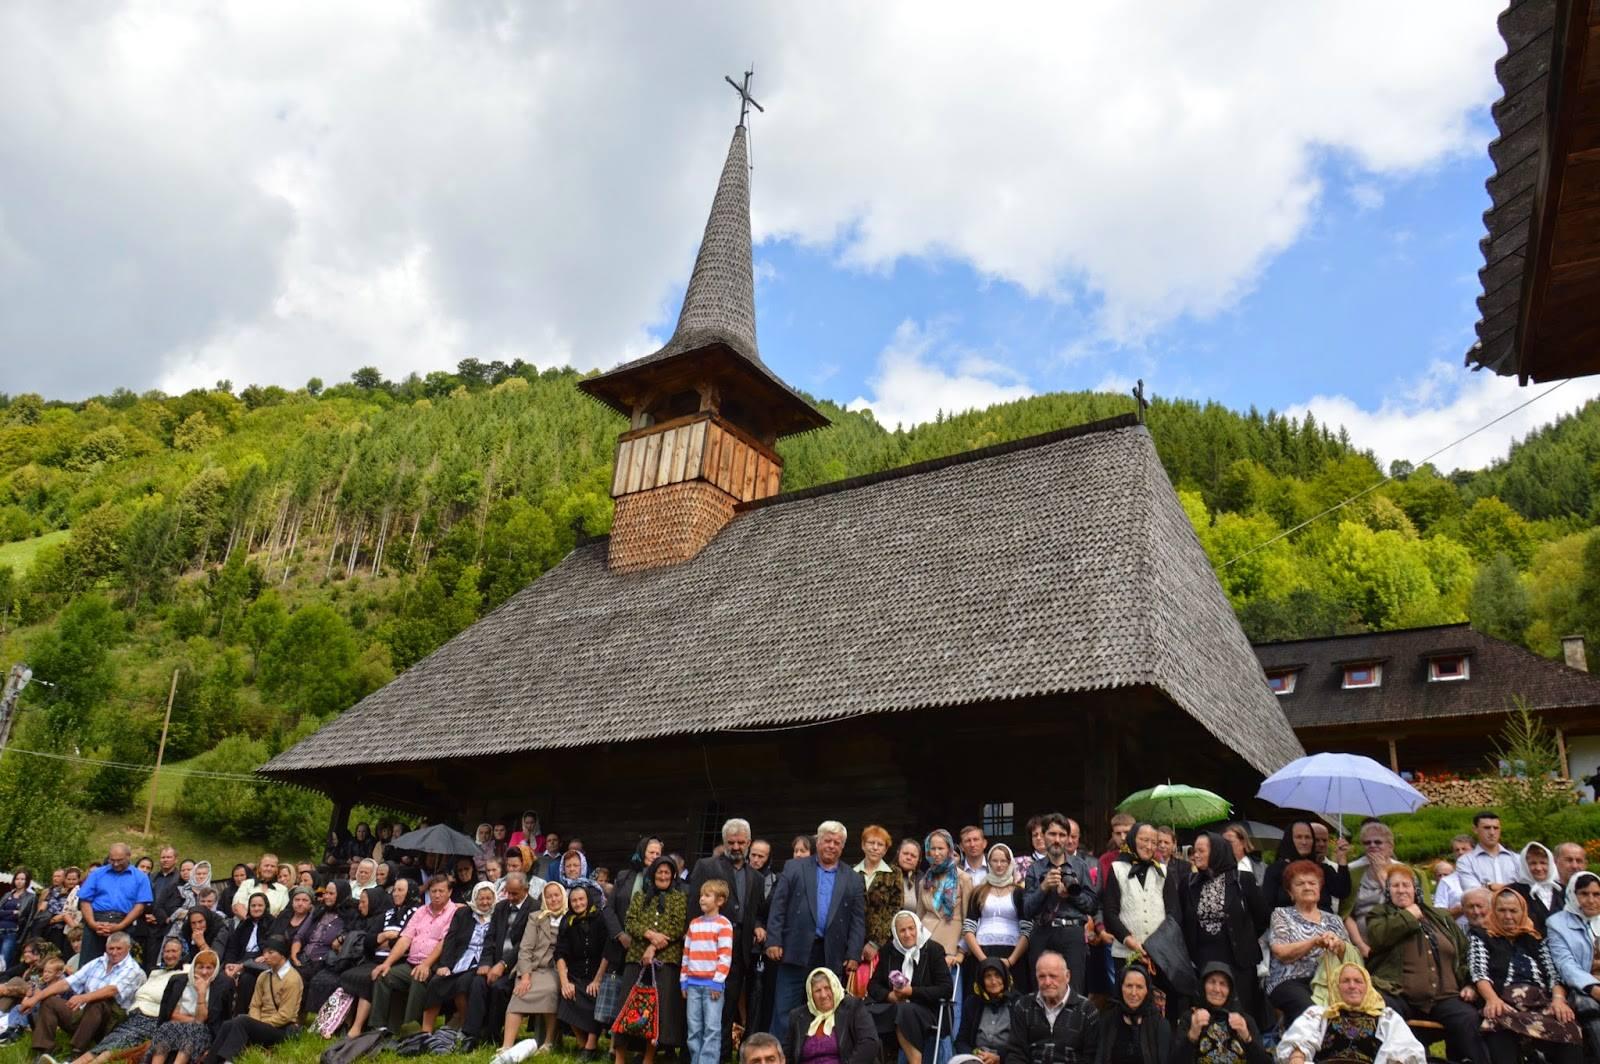 29 august 2018  29 august 2018(miercuri), Pelerinaj la Mănăstirea CORMAIA – SÎNGEORZ BĂI – cu ocazia hramului(Tăierea Capului Sf Ioan Botezătorul)